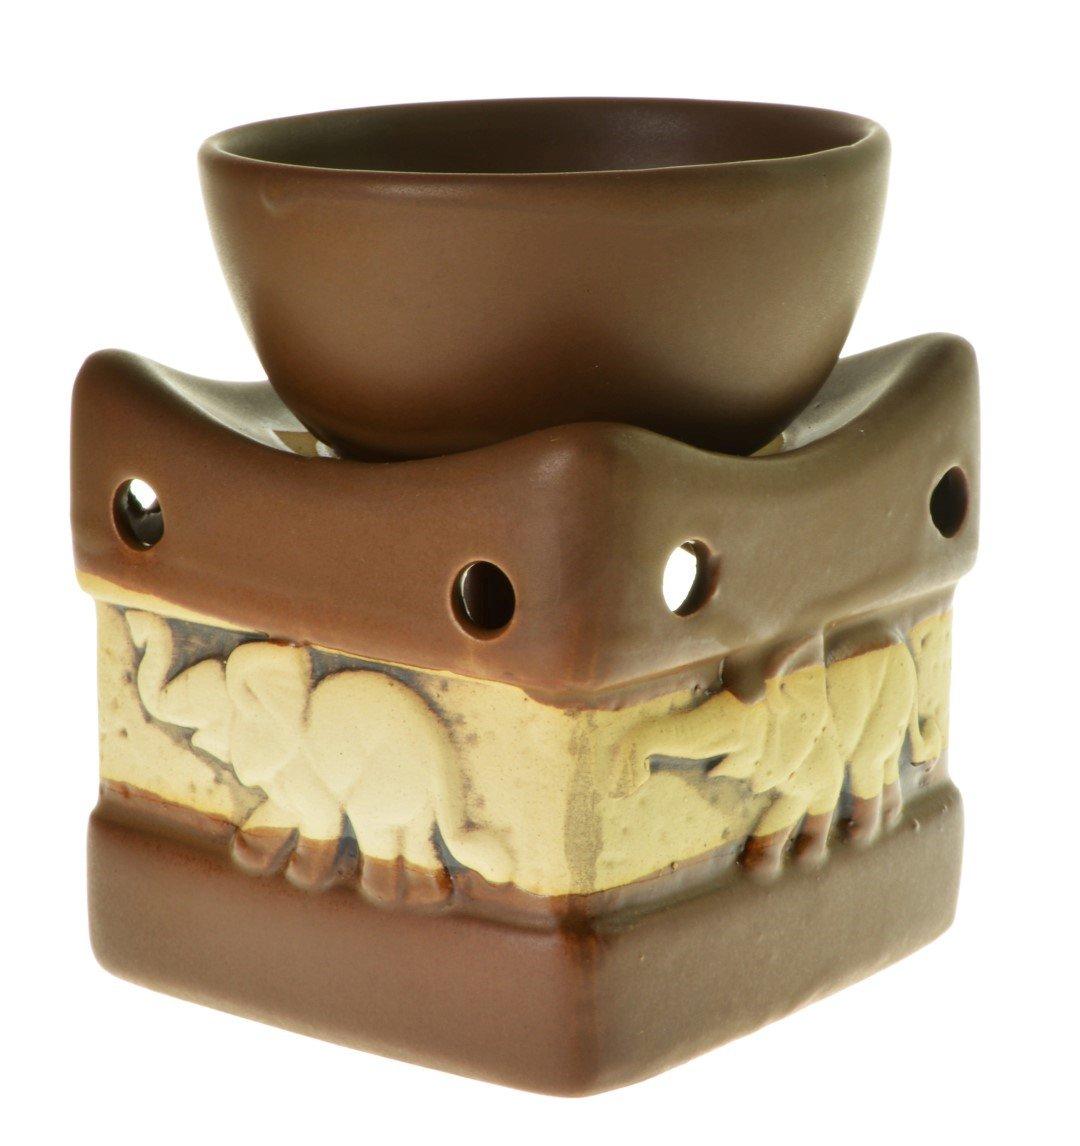 Piquaboo Rustic Ceramic Elephant Oil Burner Deep Bowl (Brown)